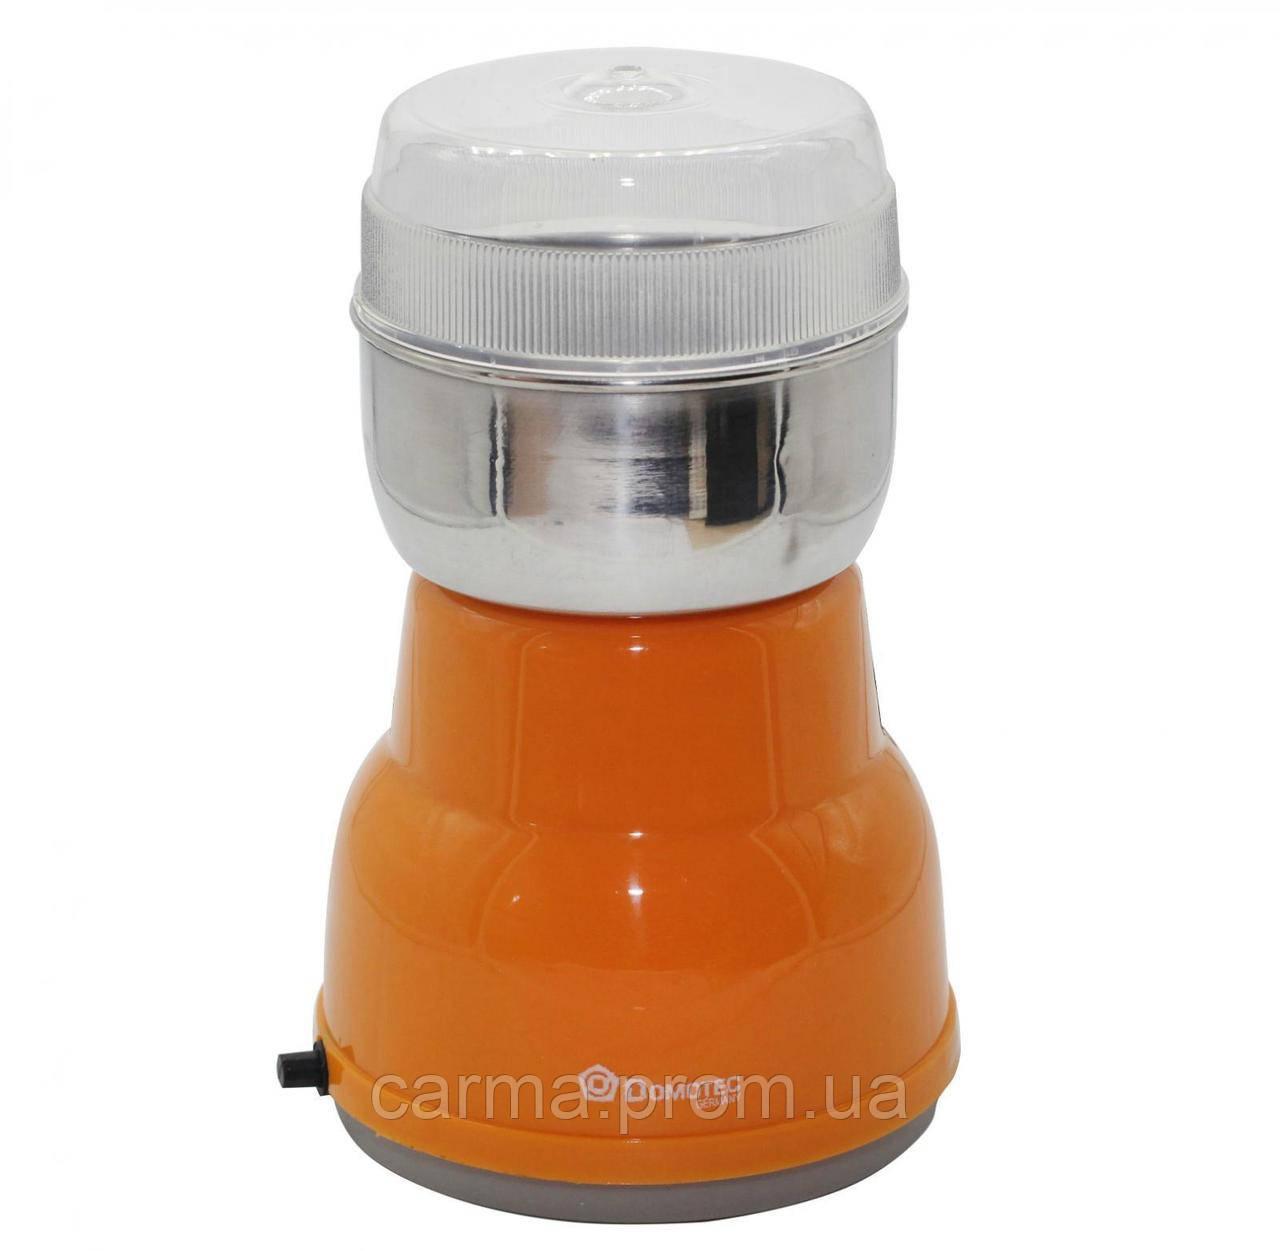 Кофемолка Domotec MS 1406 Оранжевая